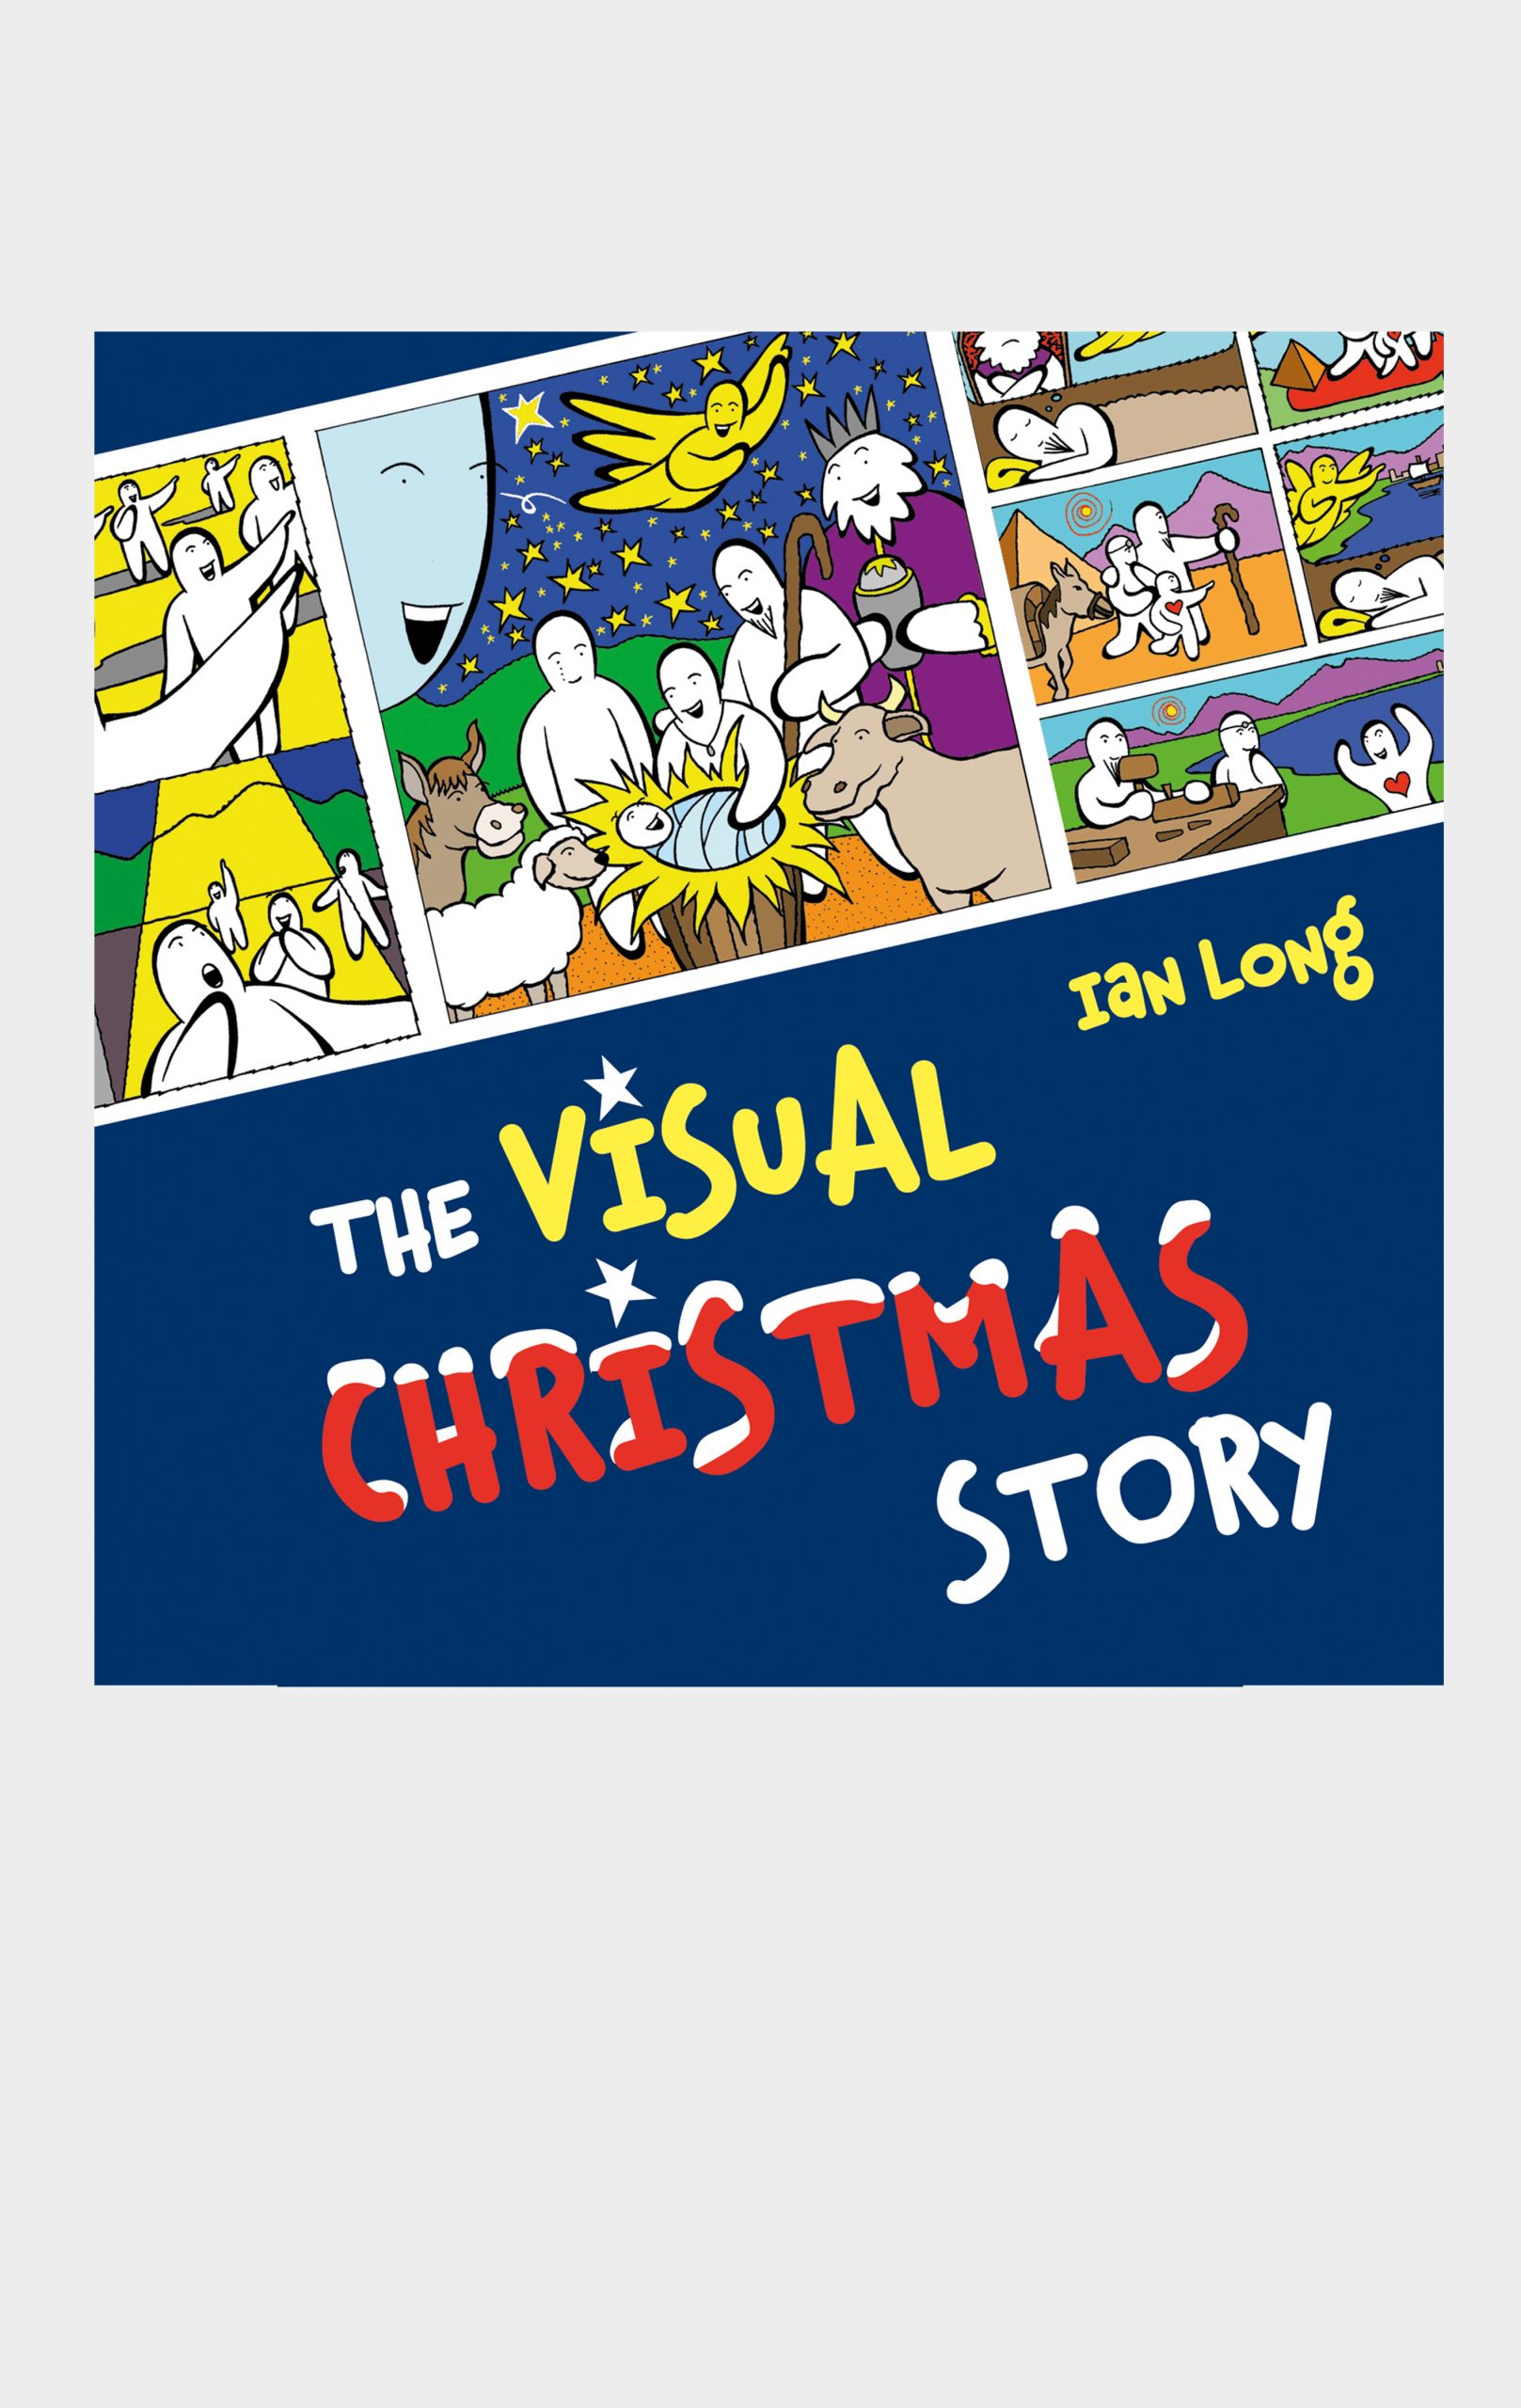 The Visual Christmas Story